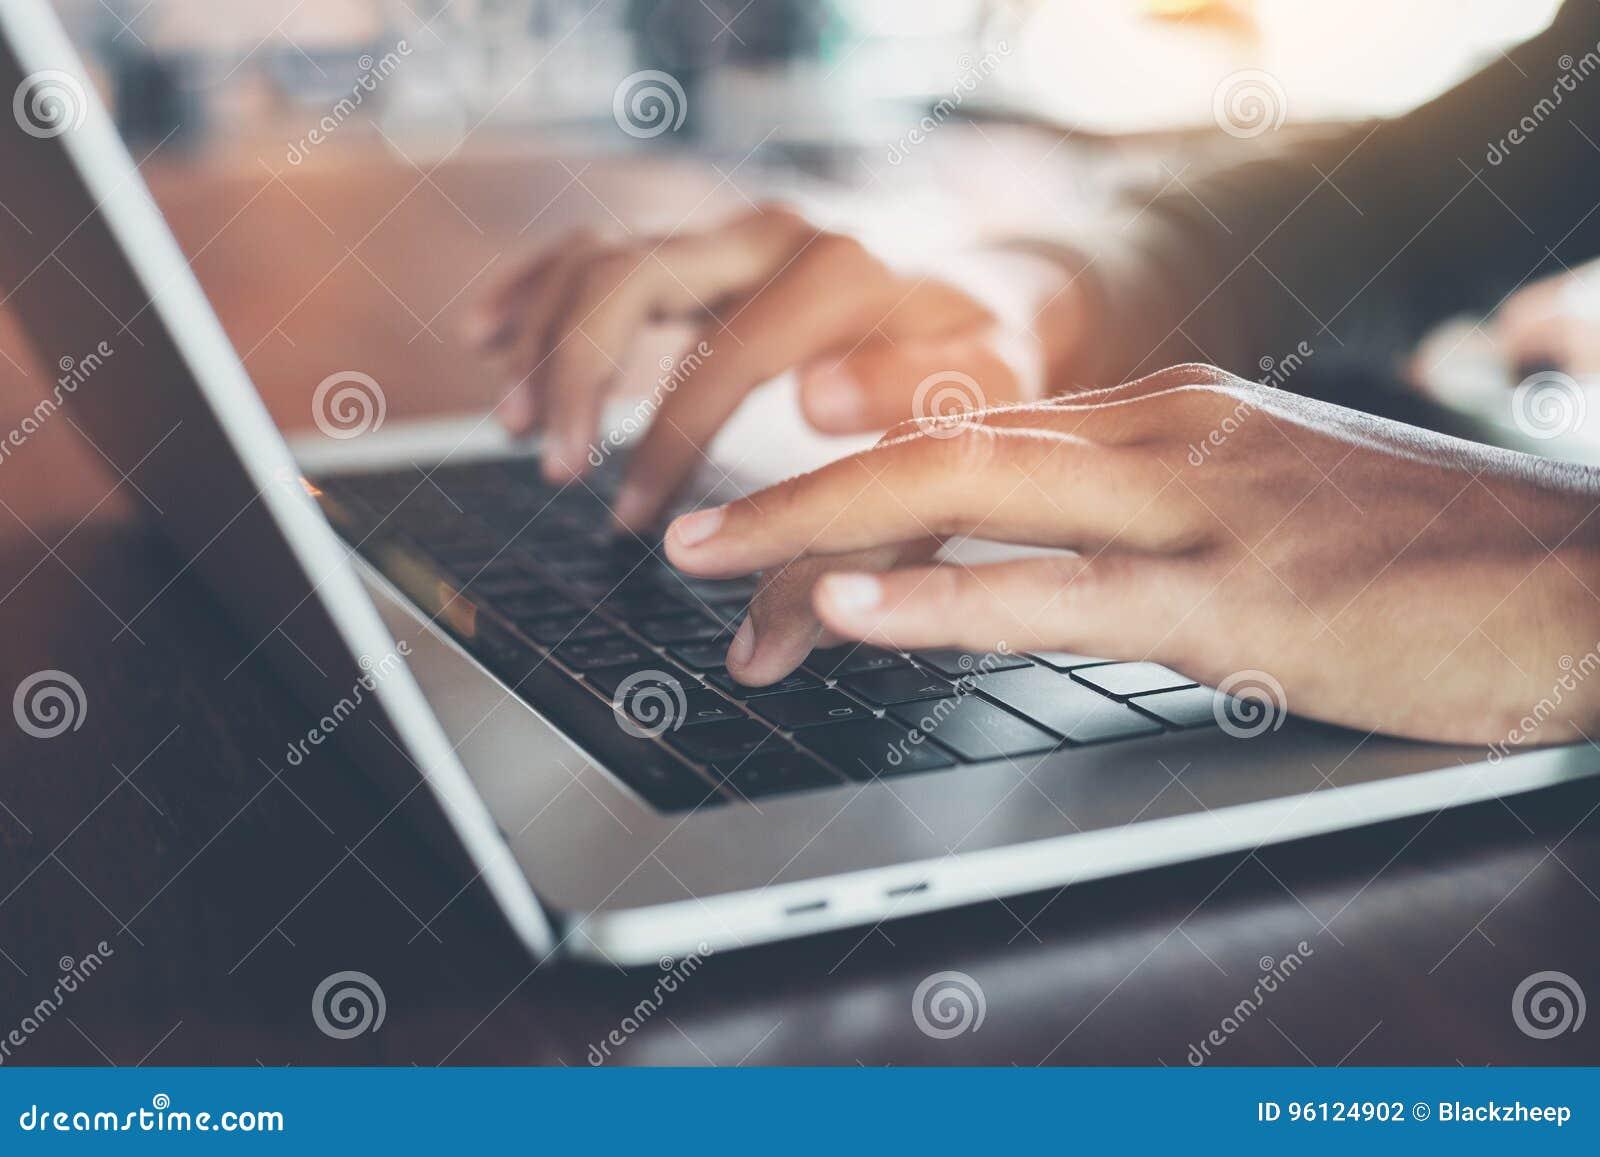 Εκλεκτική δακτυλογράφηση δάχτυλων εστίασης στο φορητό προσωπικό υπολογιστή